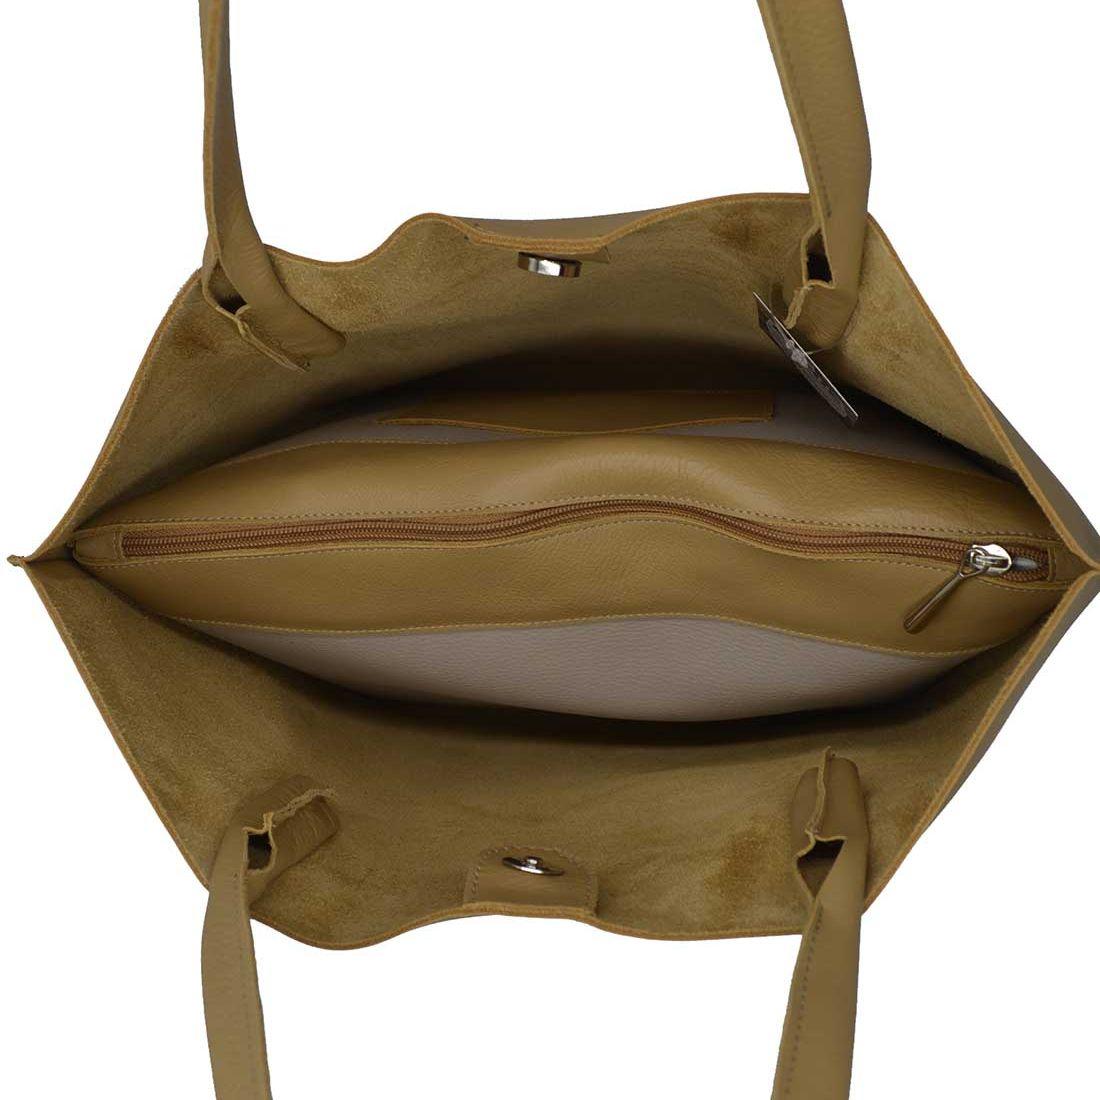 cf7c6ff92 Bolso piel mujer moda color arena.ENVIO GRATIS!!BolsosMaletas Annie